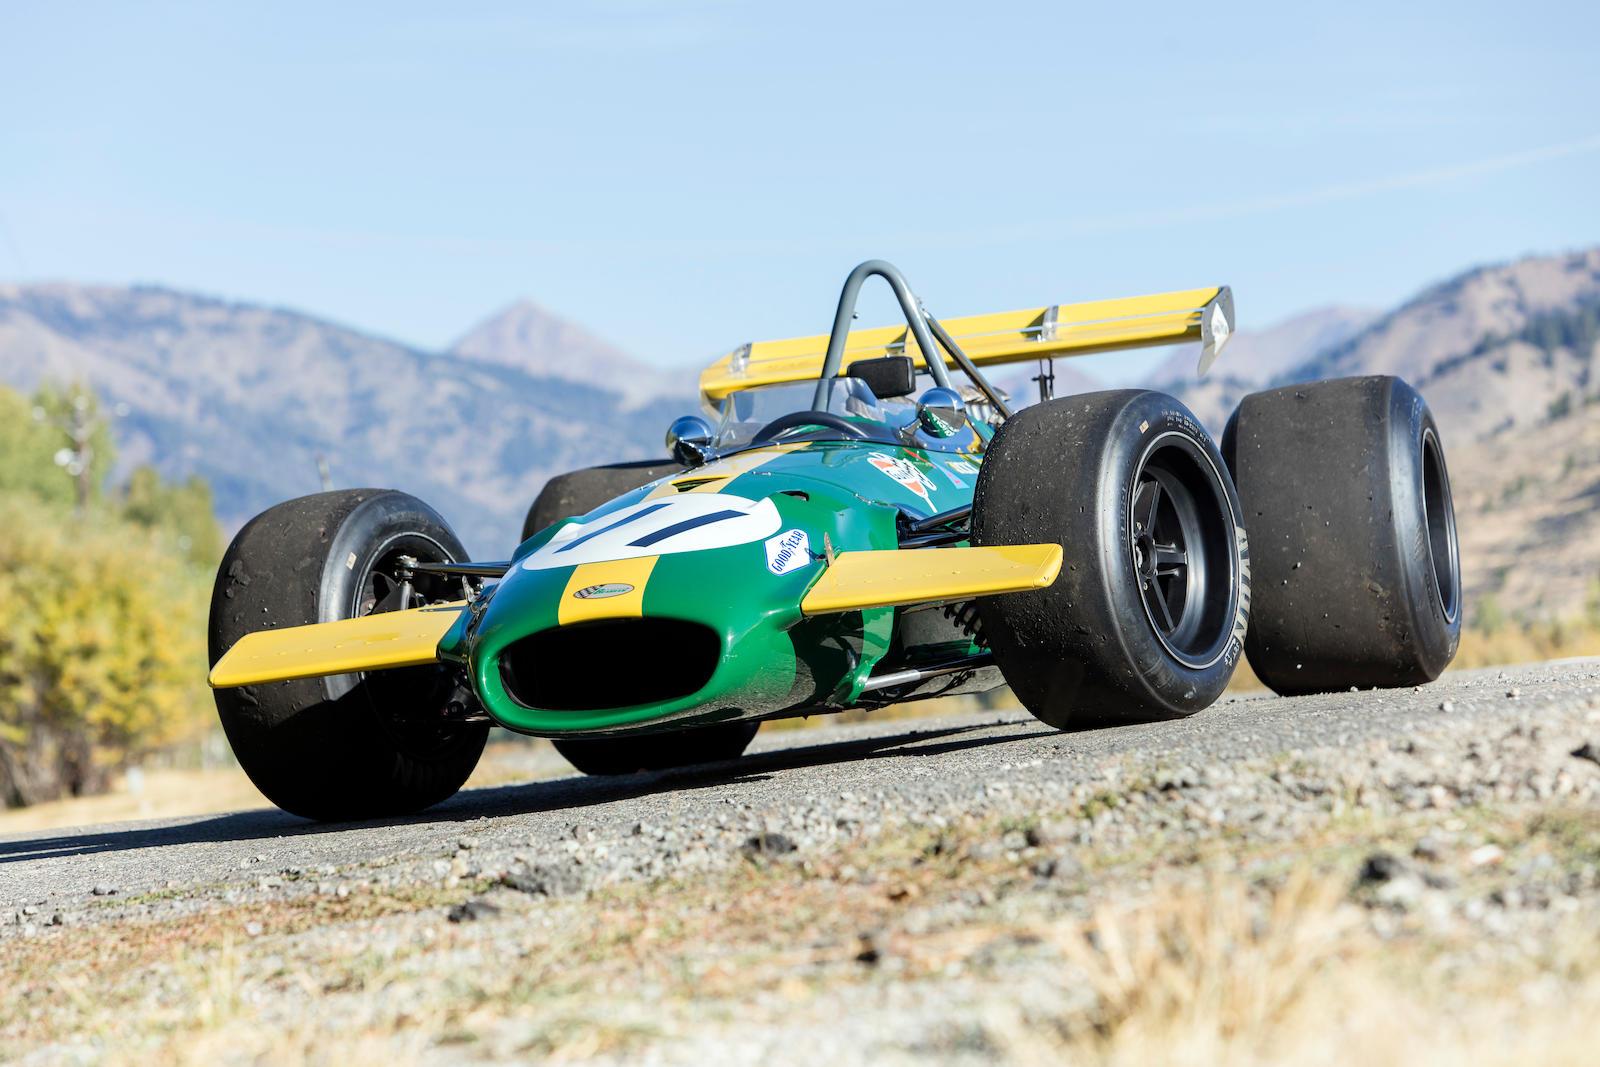 1968 Repco Brabham-Cosworth BT26 BT26A Race Car